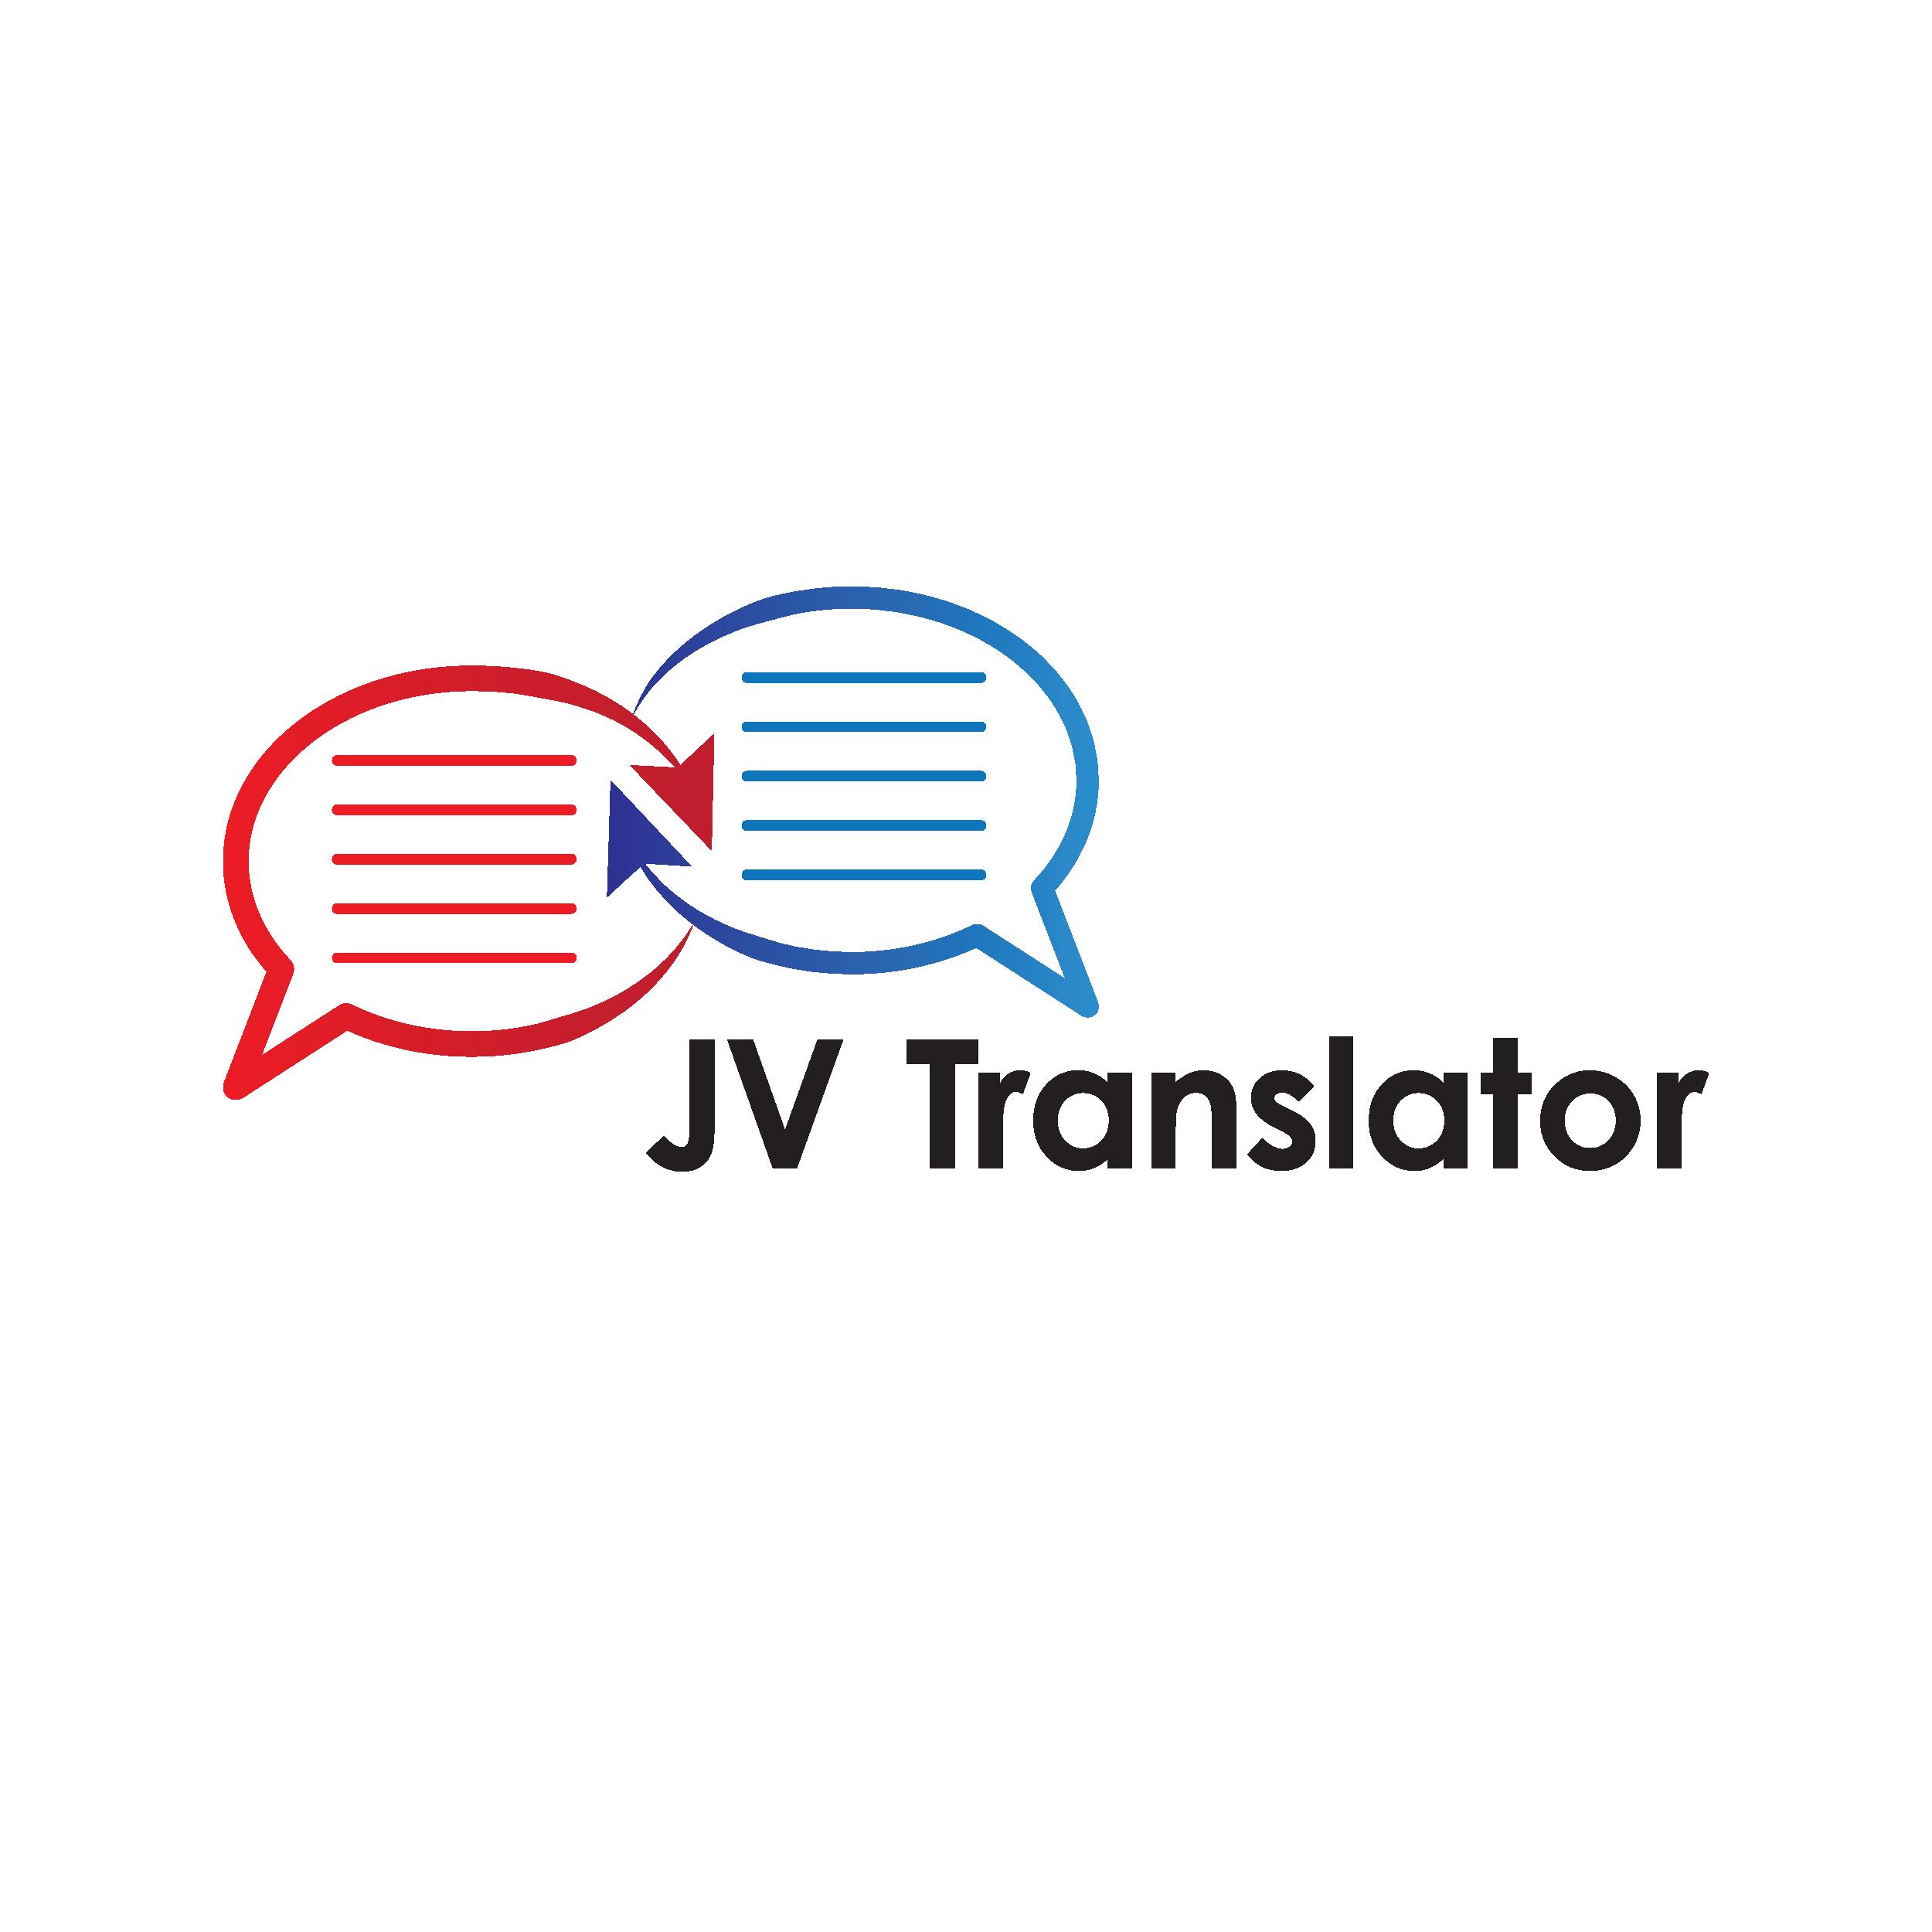 JV Translator